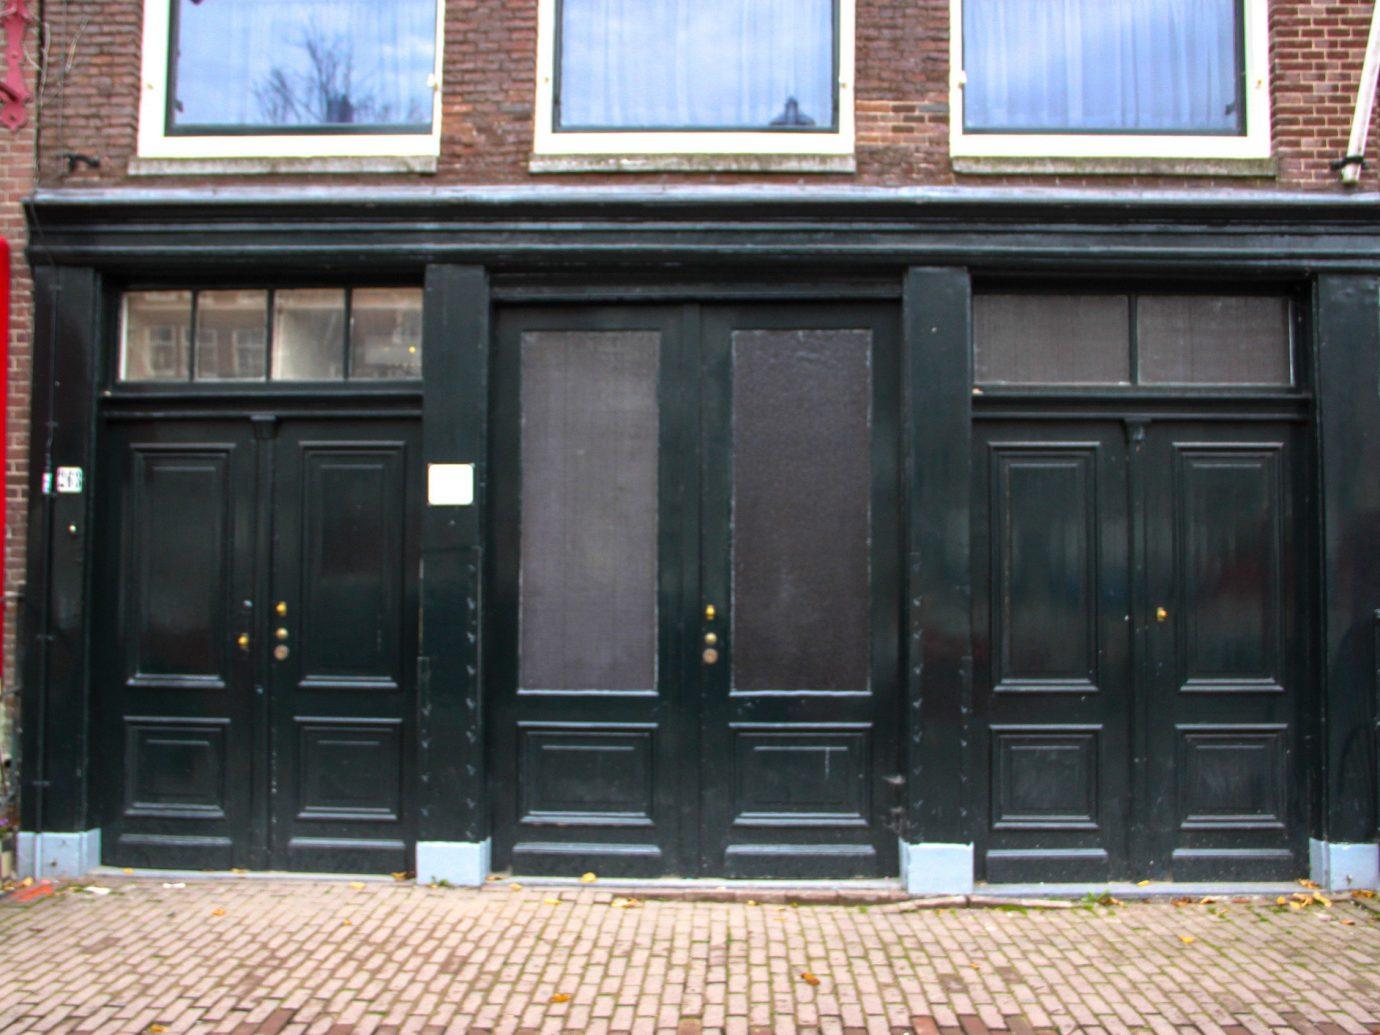 Travel Tips window building door house facade